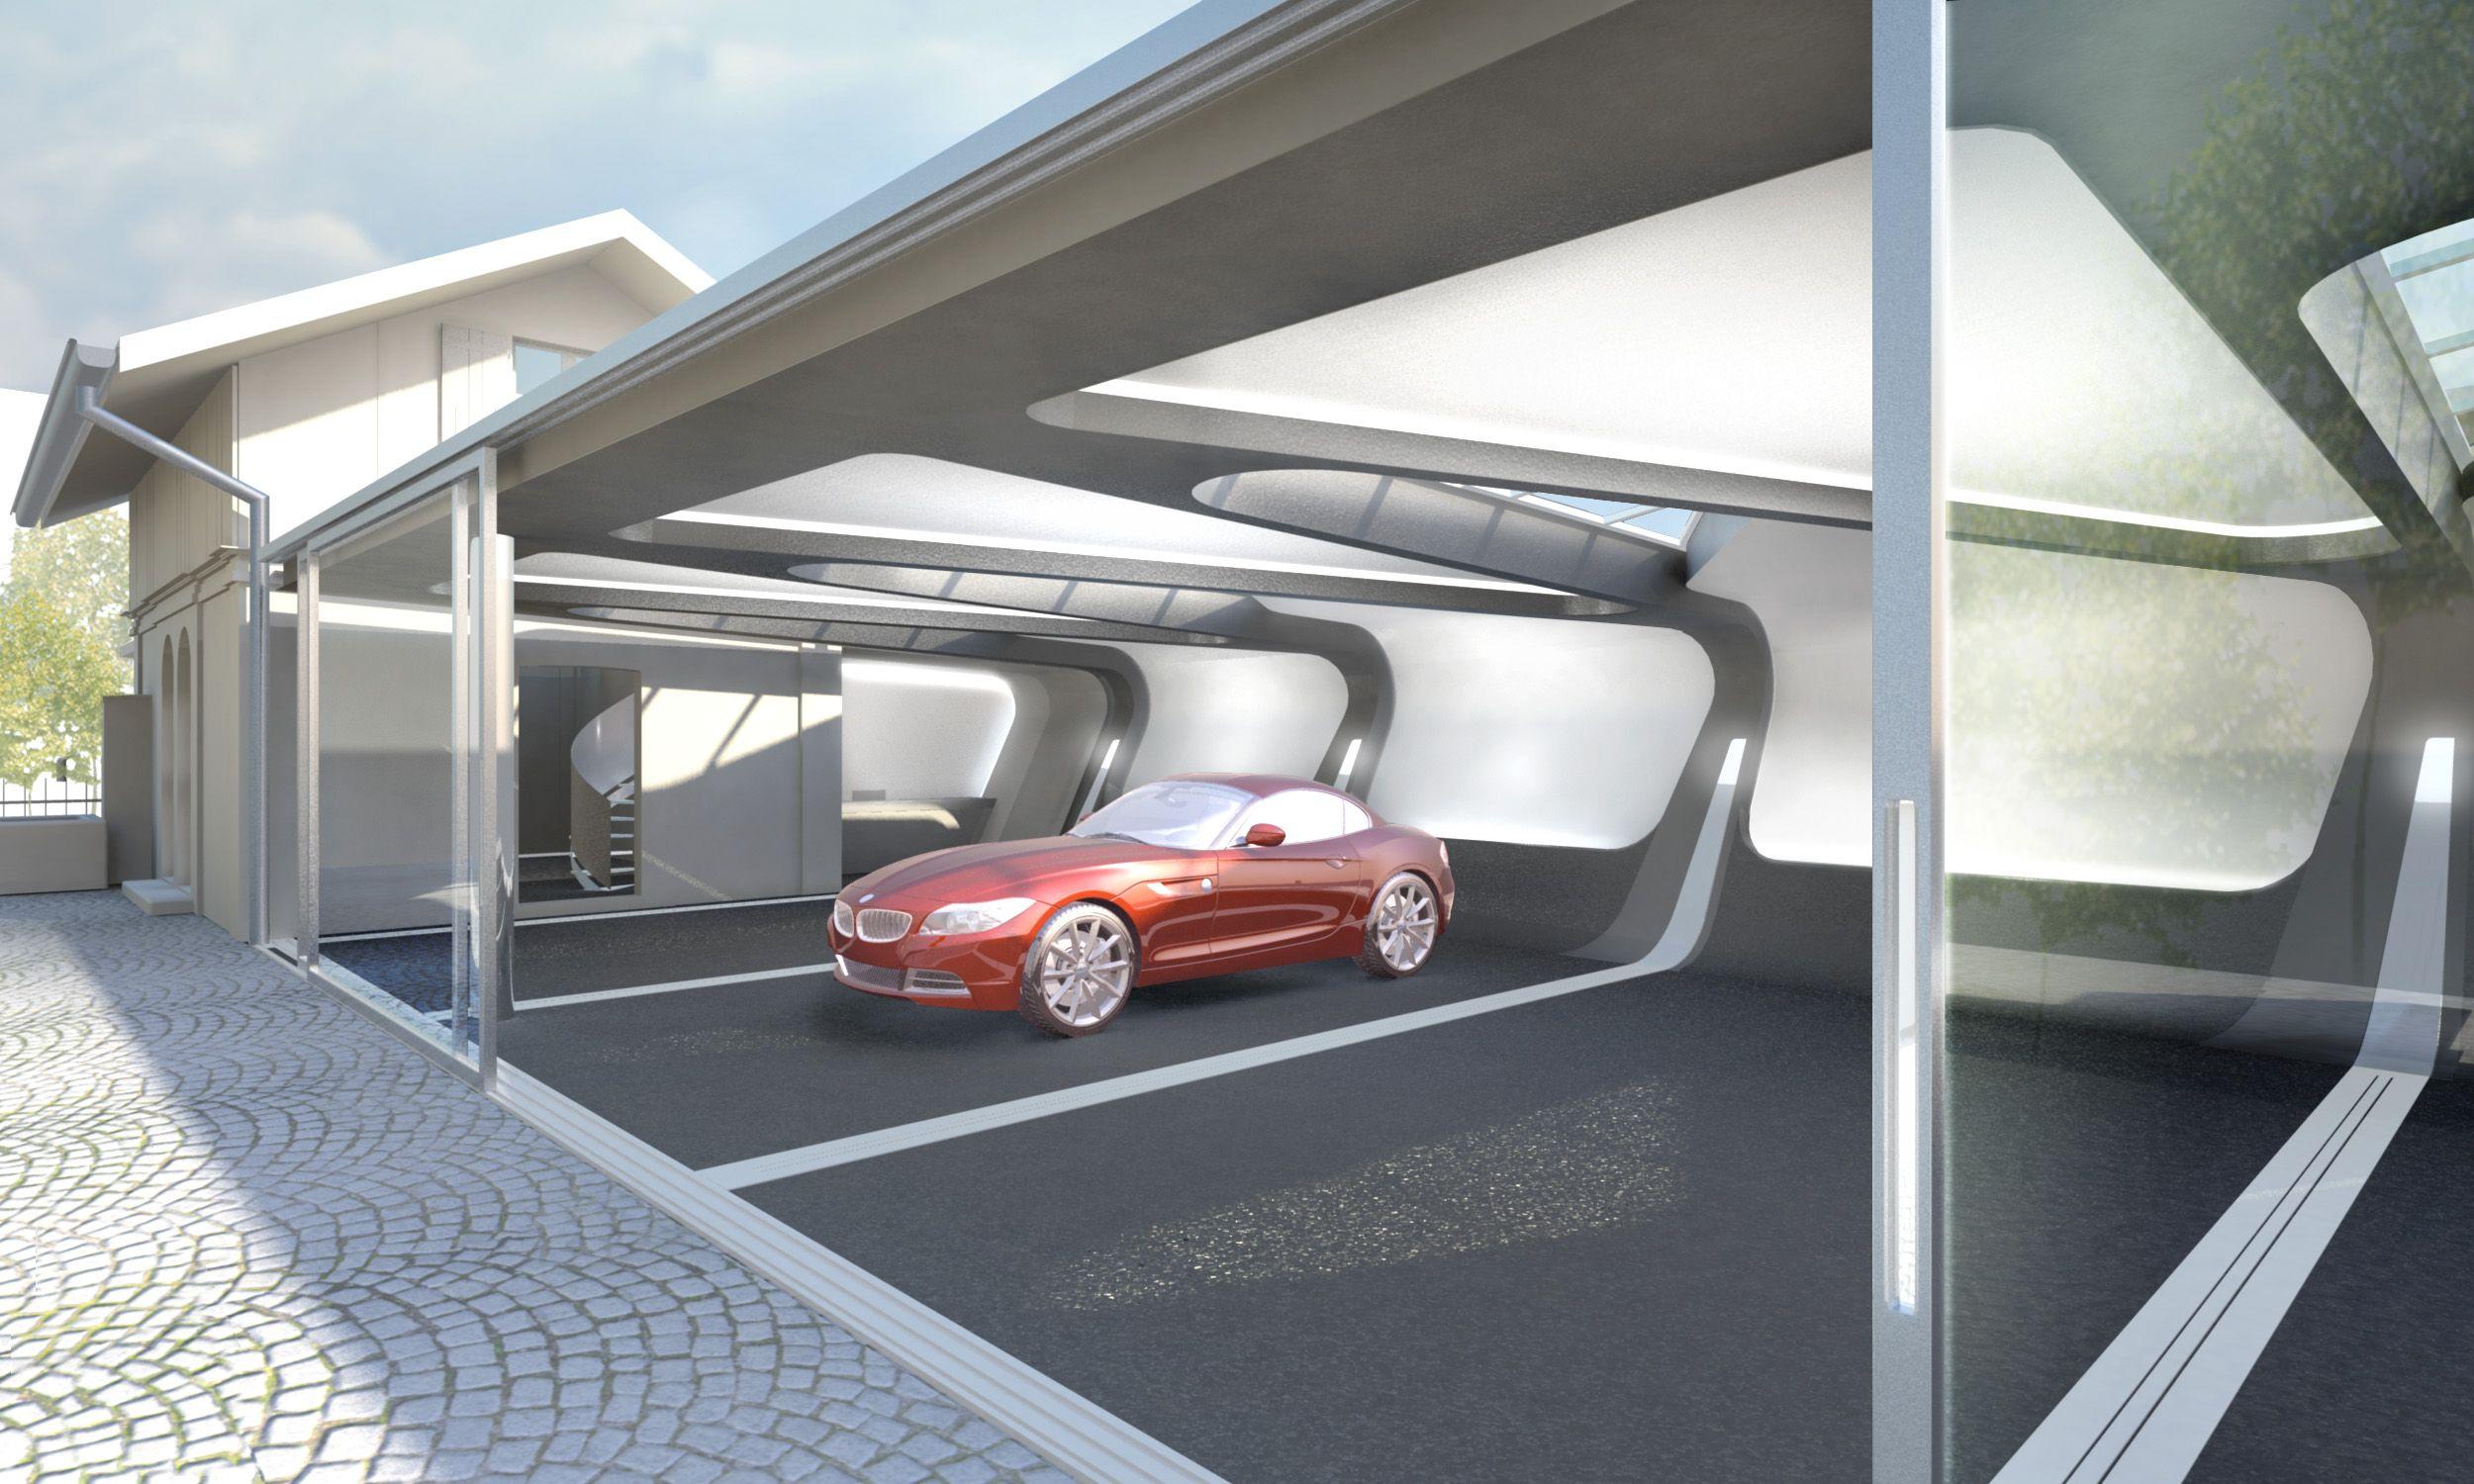 Image Result For Parking Interior Design